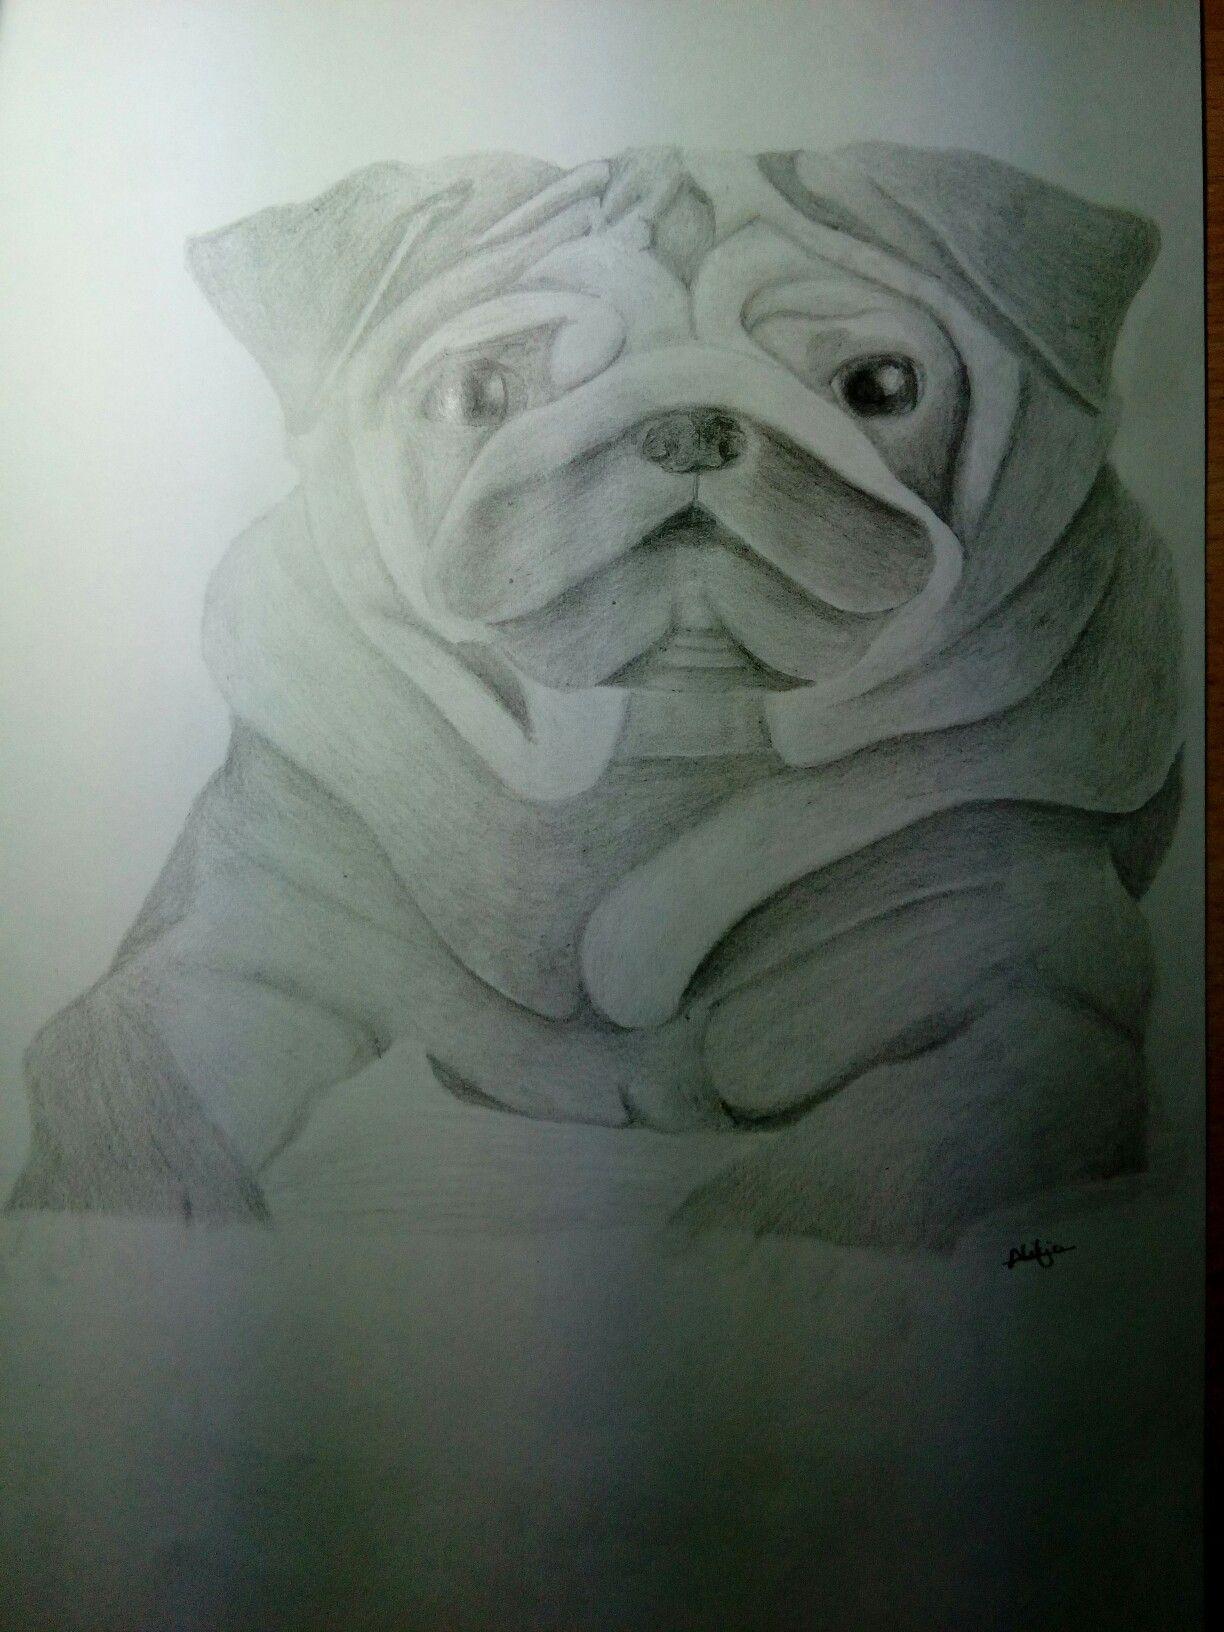 Dibujo perro #Aprendiendo #Draw #Dog